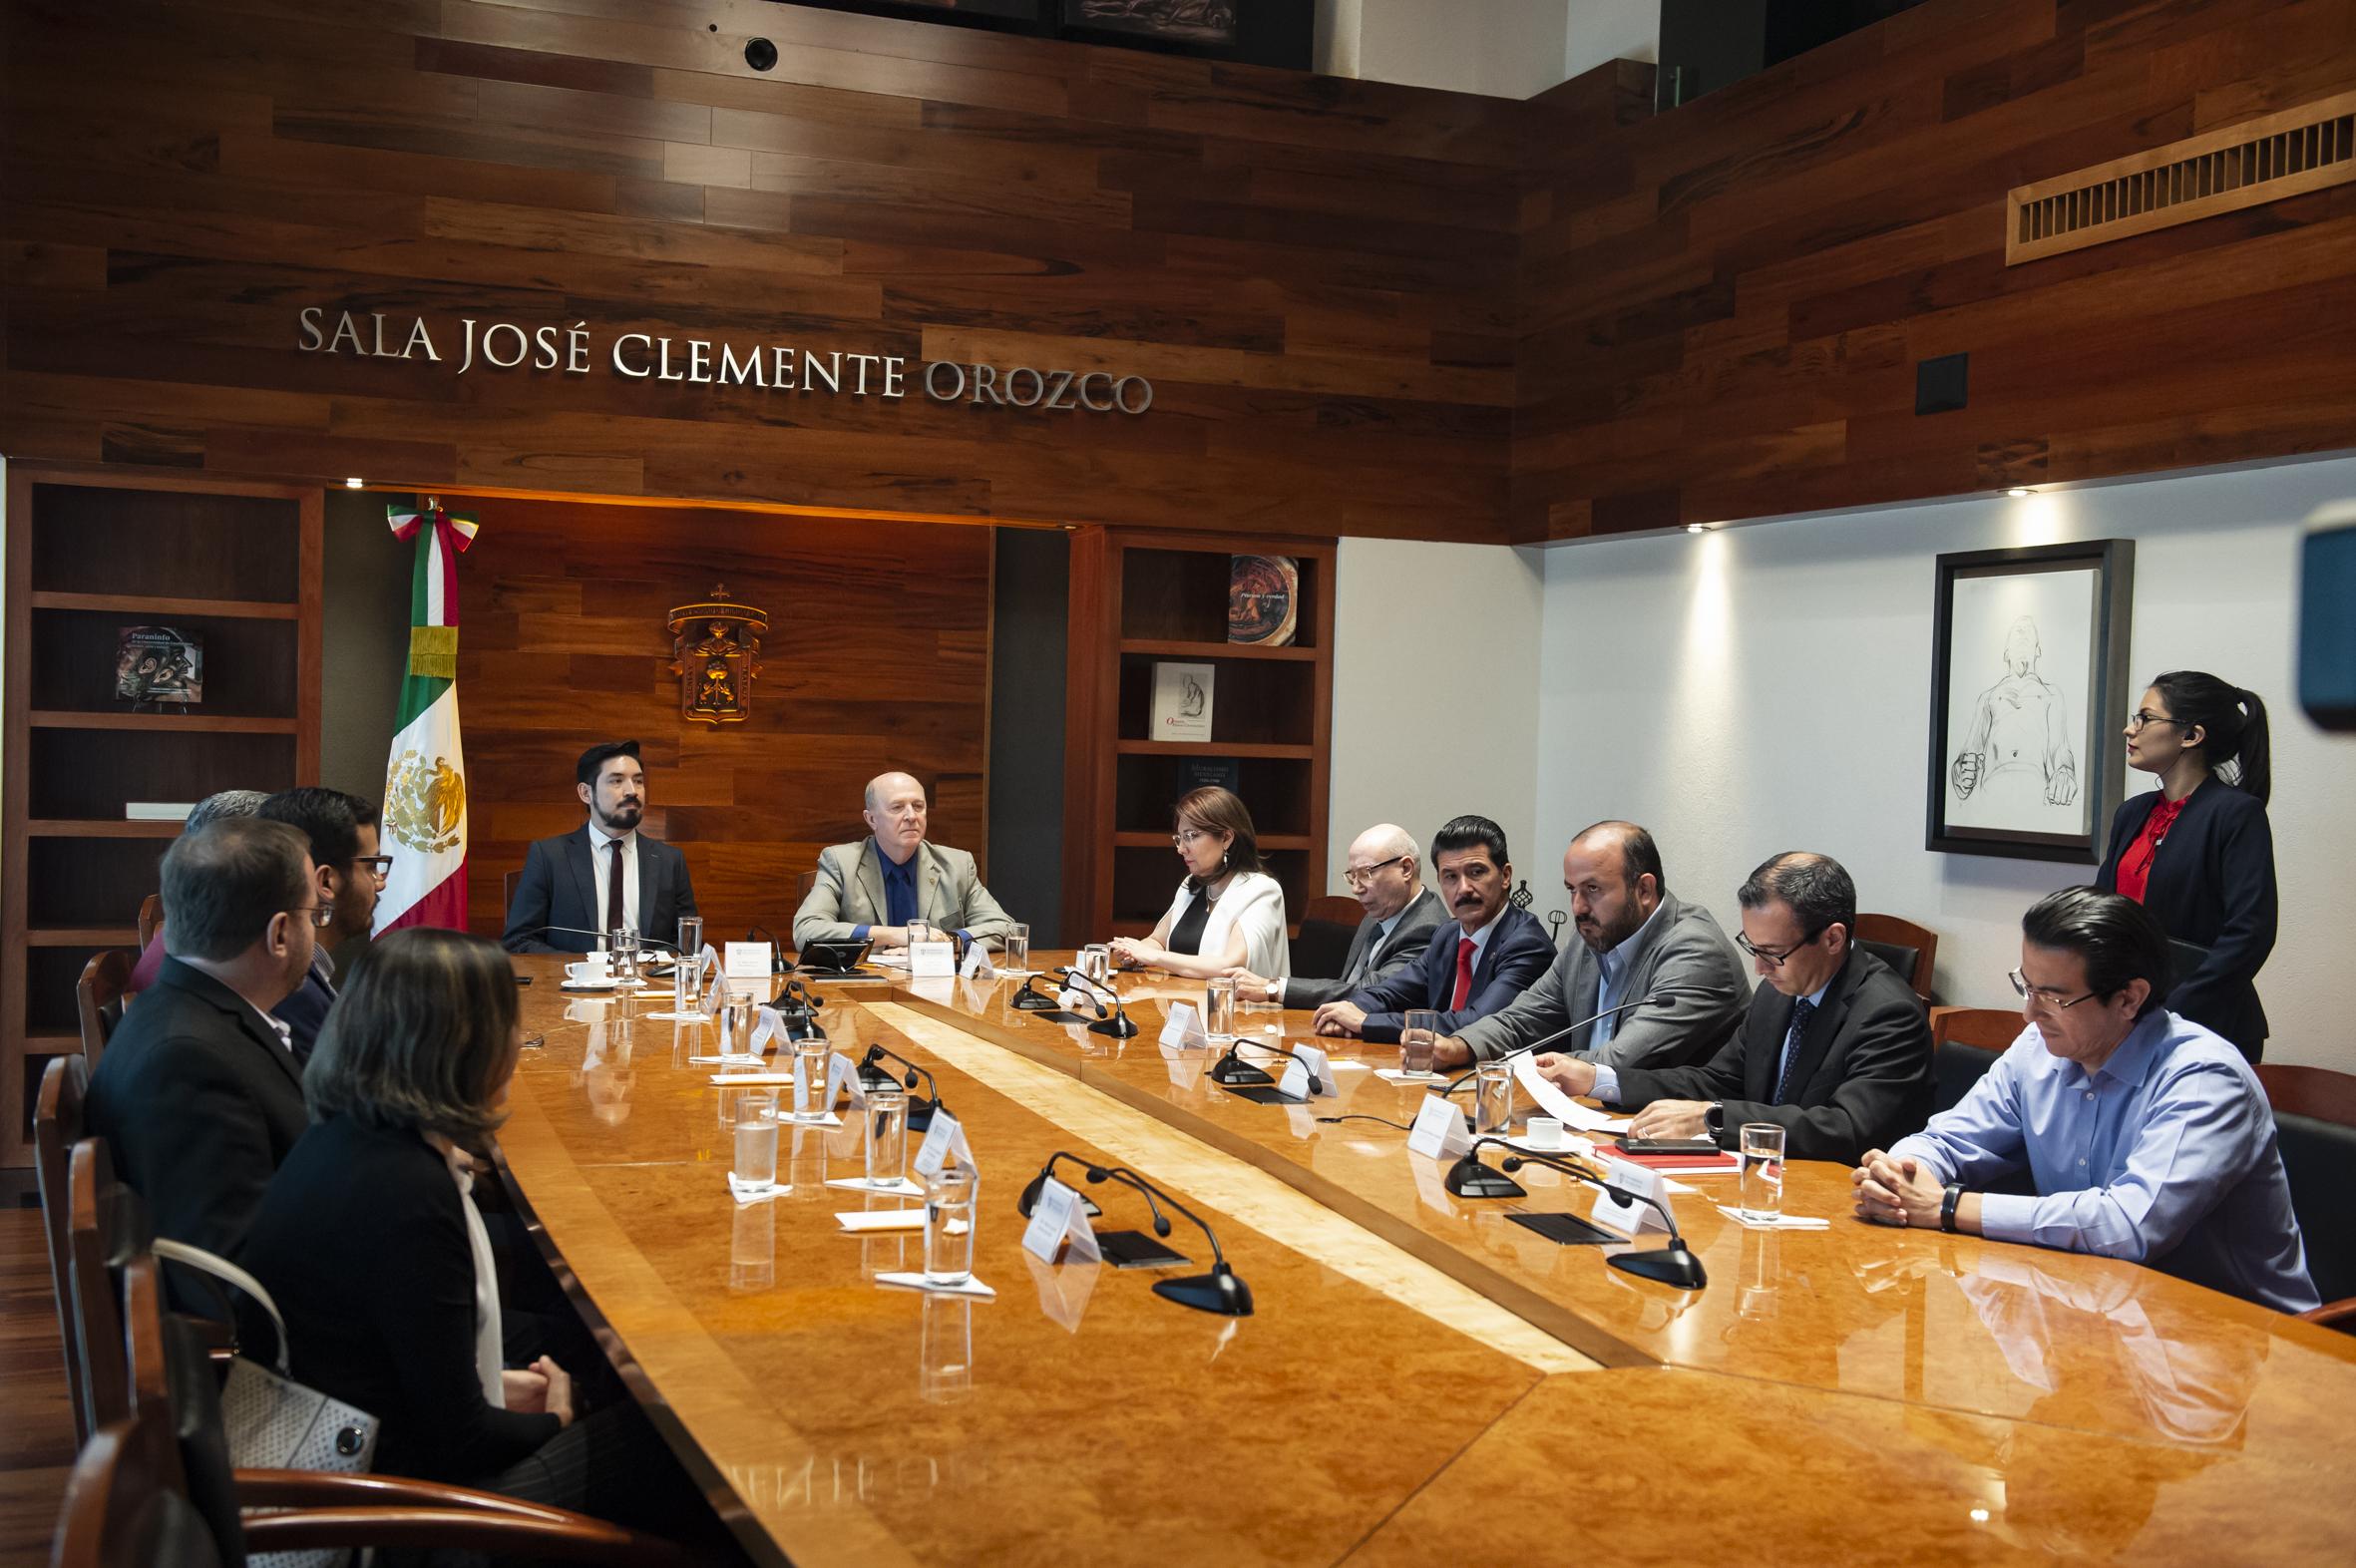 Renovación de convenio entre La Universidad de Guadalajara  (UdeG) y el Instituto Metropolitano de Planeación de la Zona Metropolitana de Guadalajara (Imeplan)